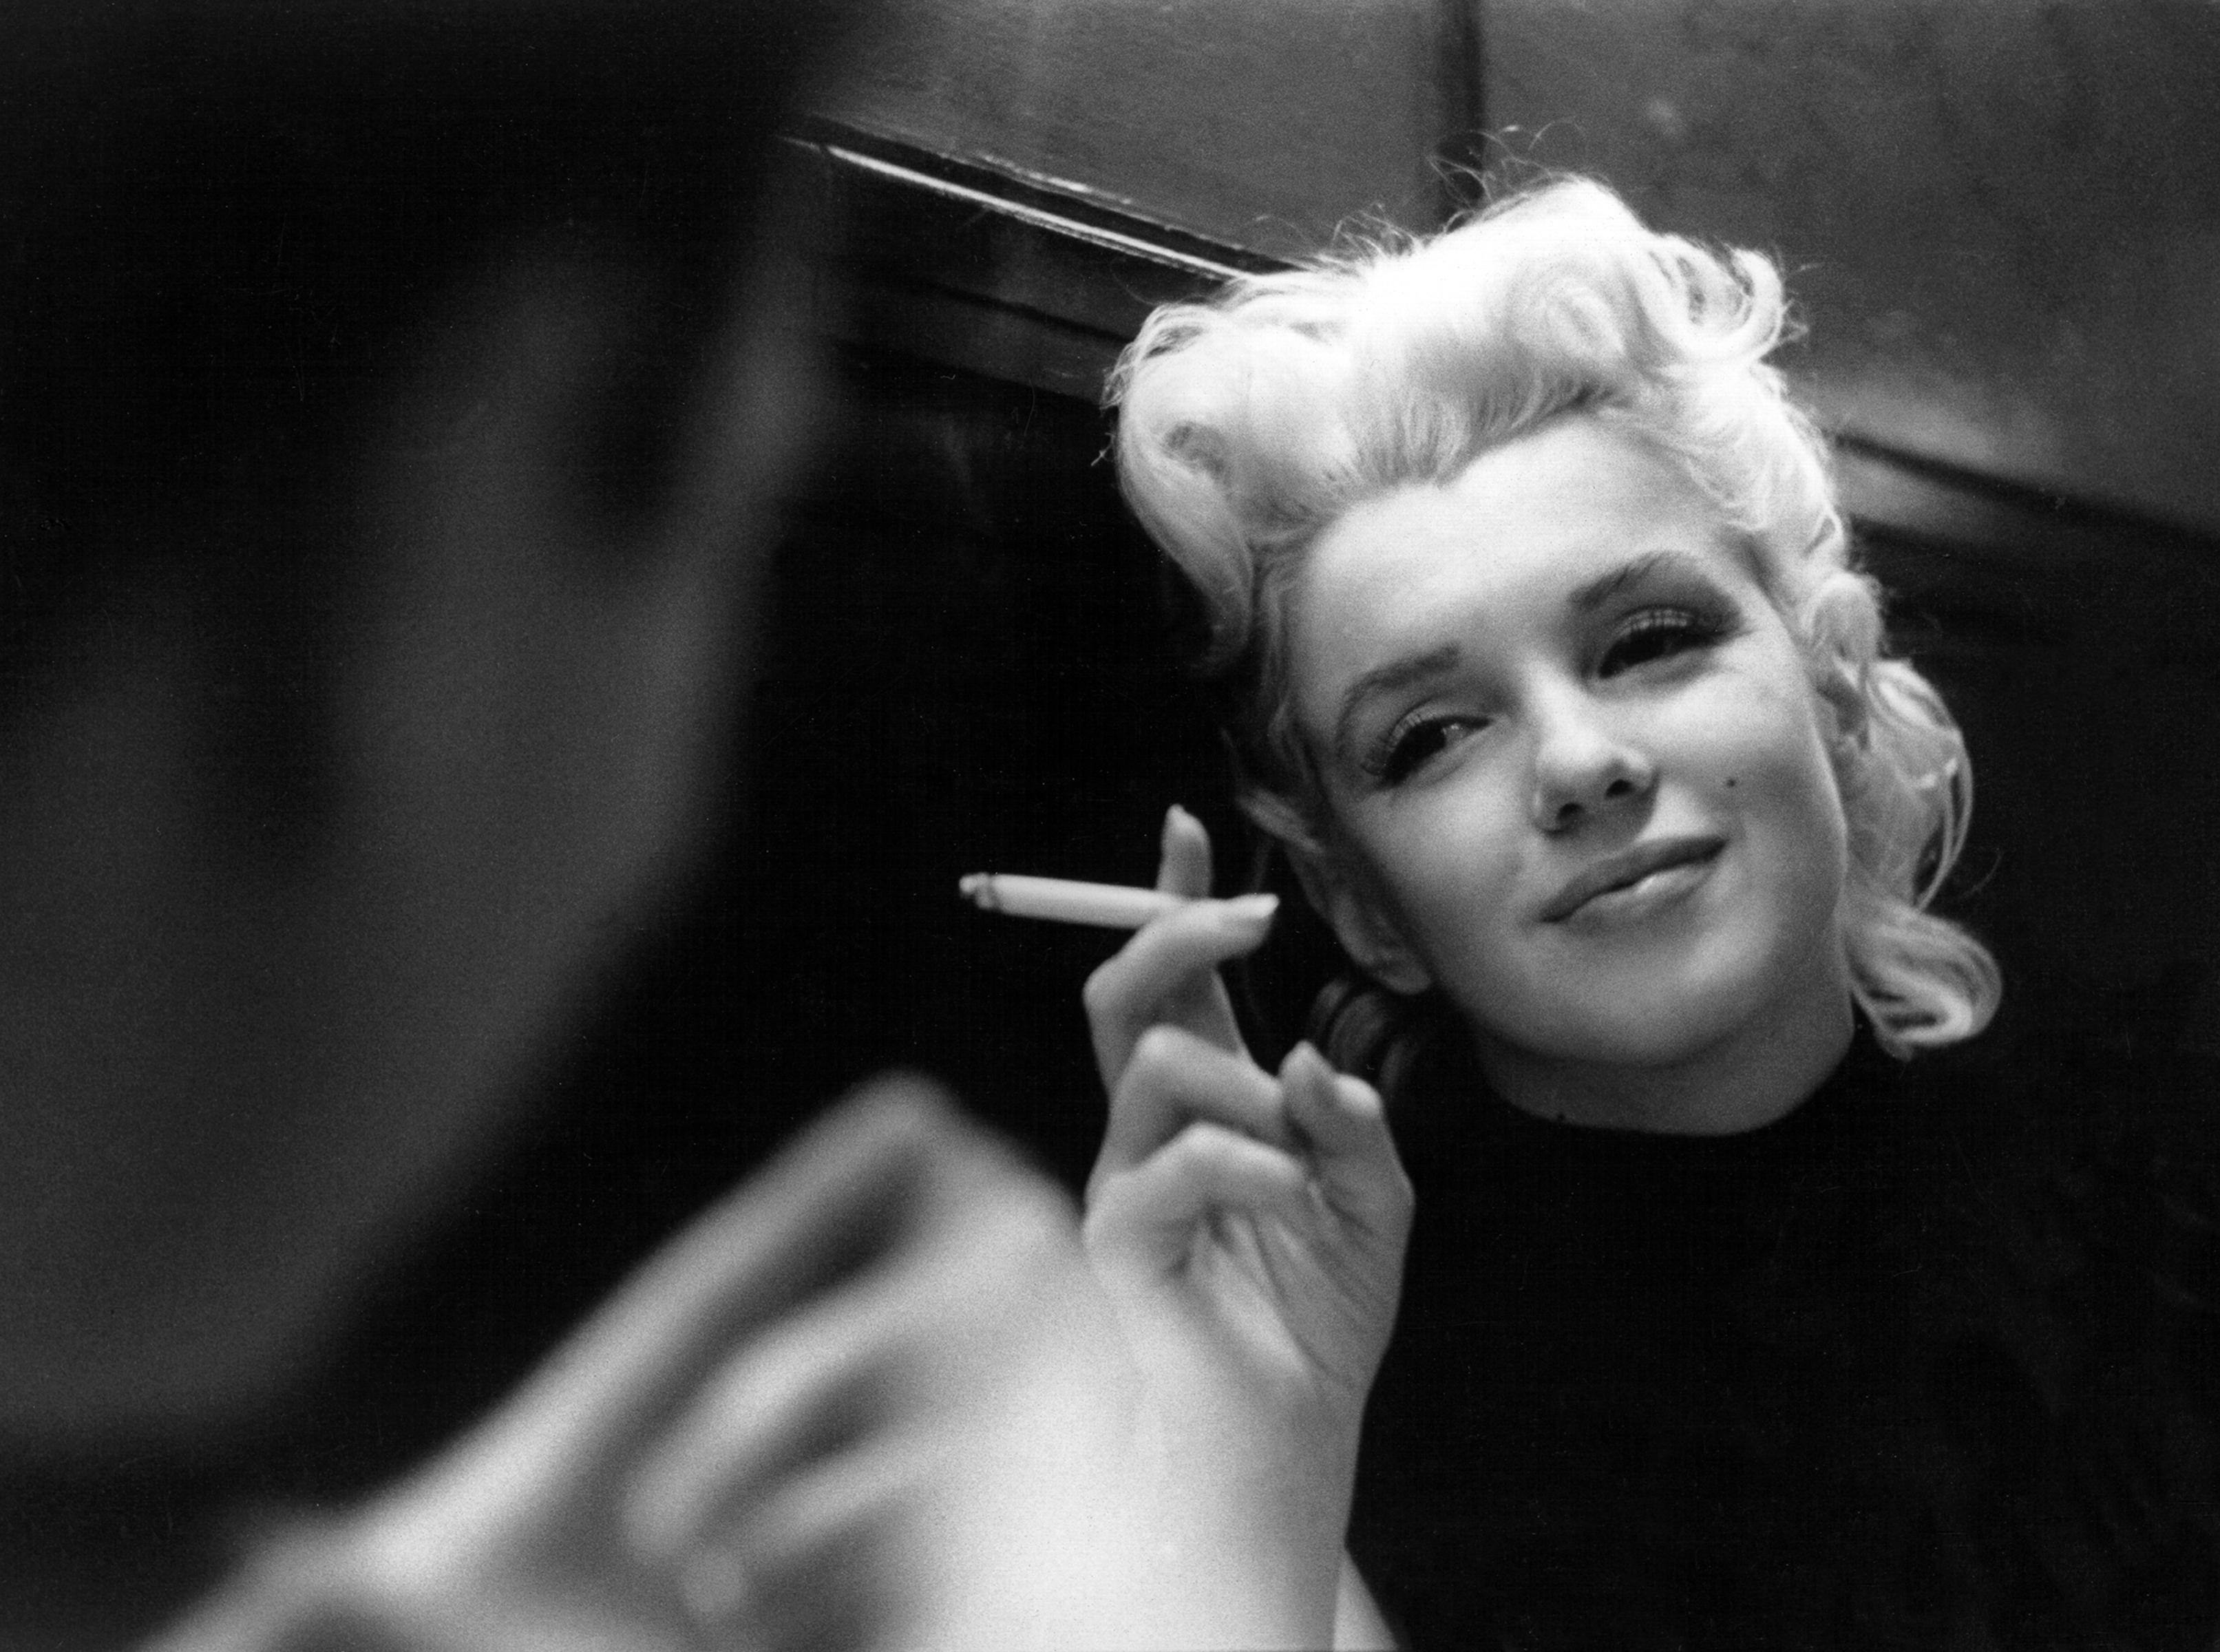 Ed Feingersh studoval fotografii v New Yorku pod vedením Alexeye Brodovitche, který se proslavil jako artdirektor amerického módního magazínu Harper's Bazaar v letech 1934 až 1958.